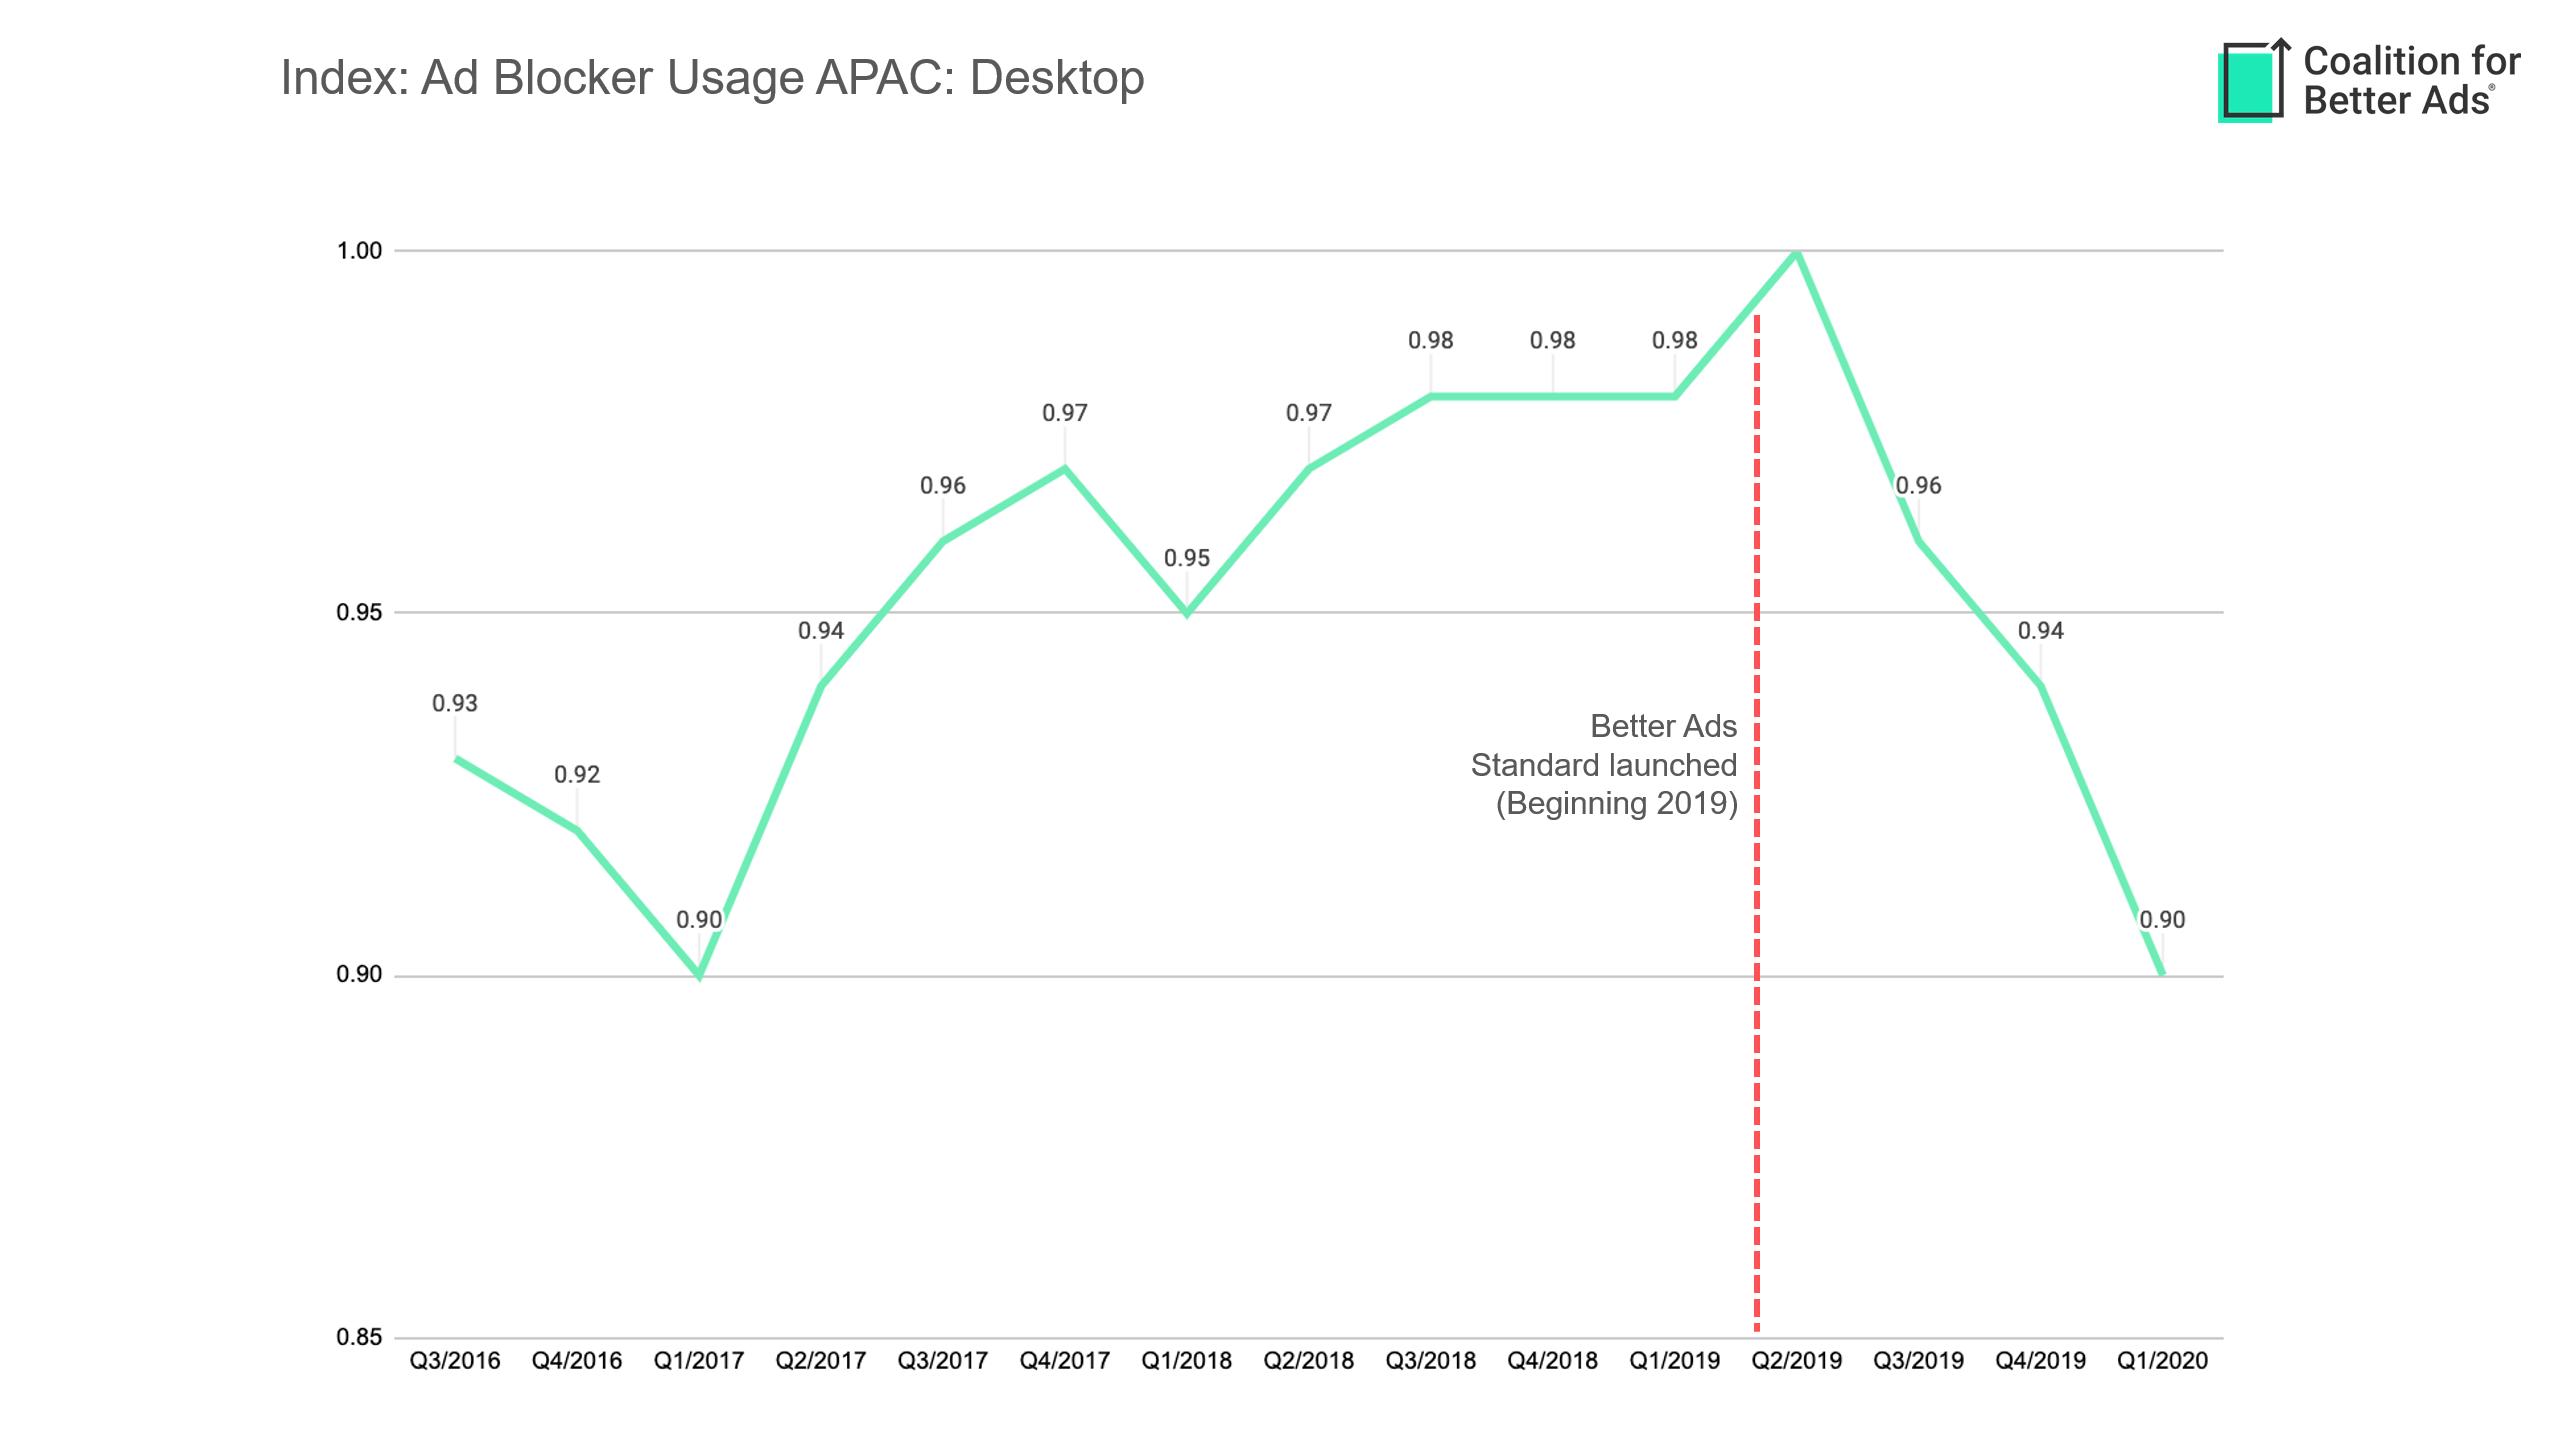 ad-block-usage-apac-desktop